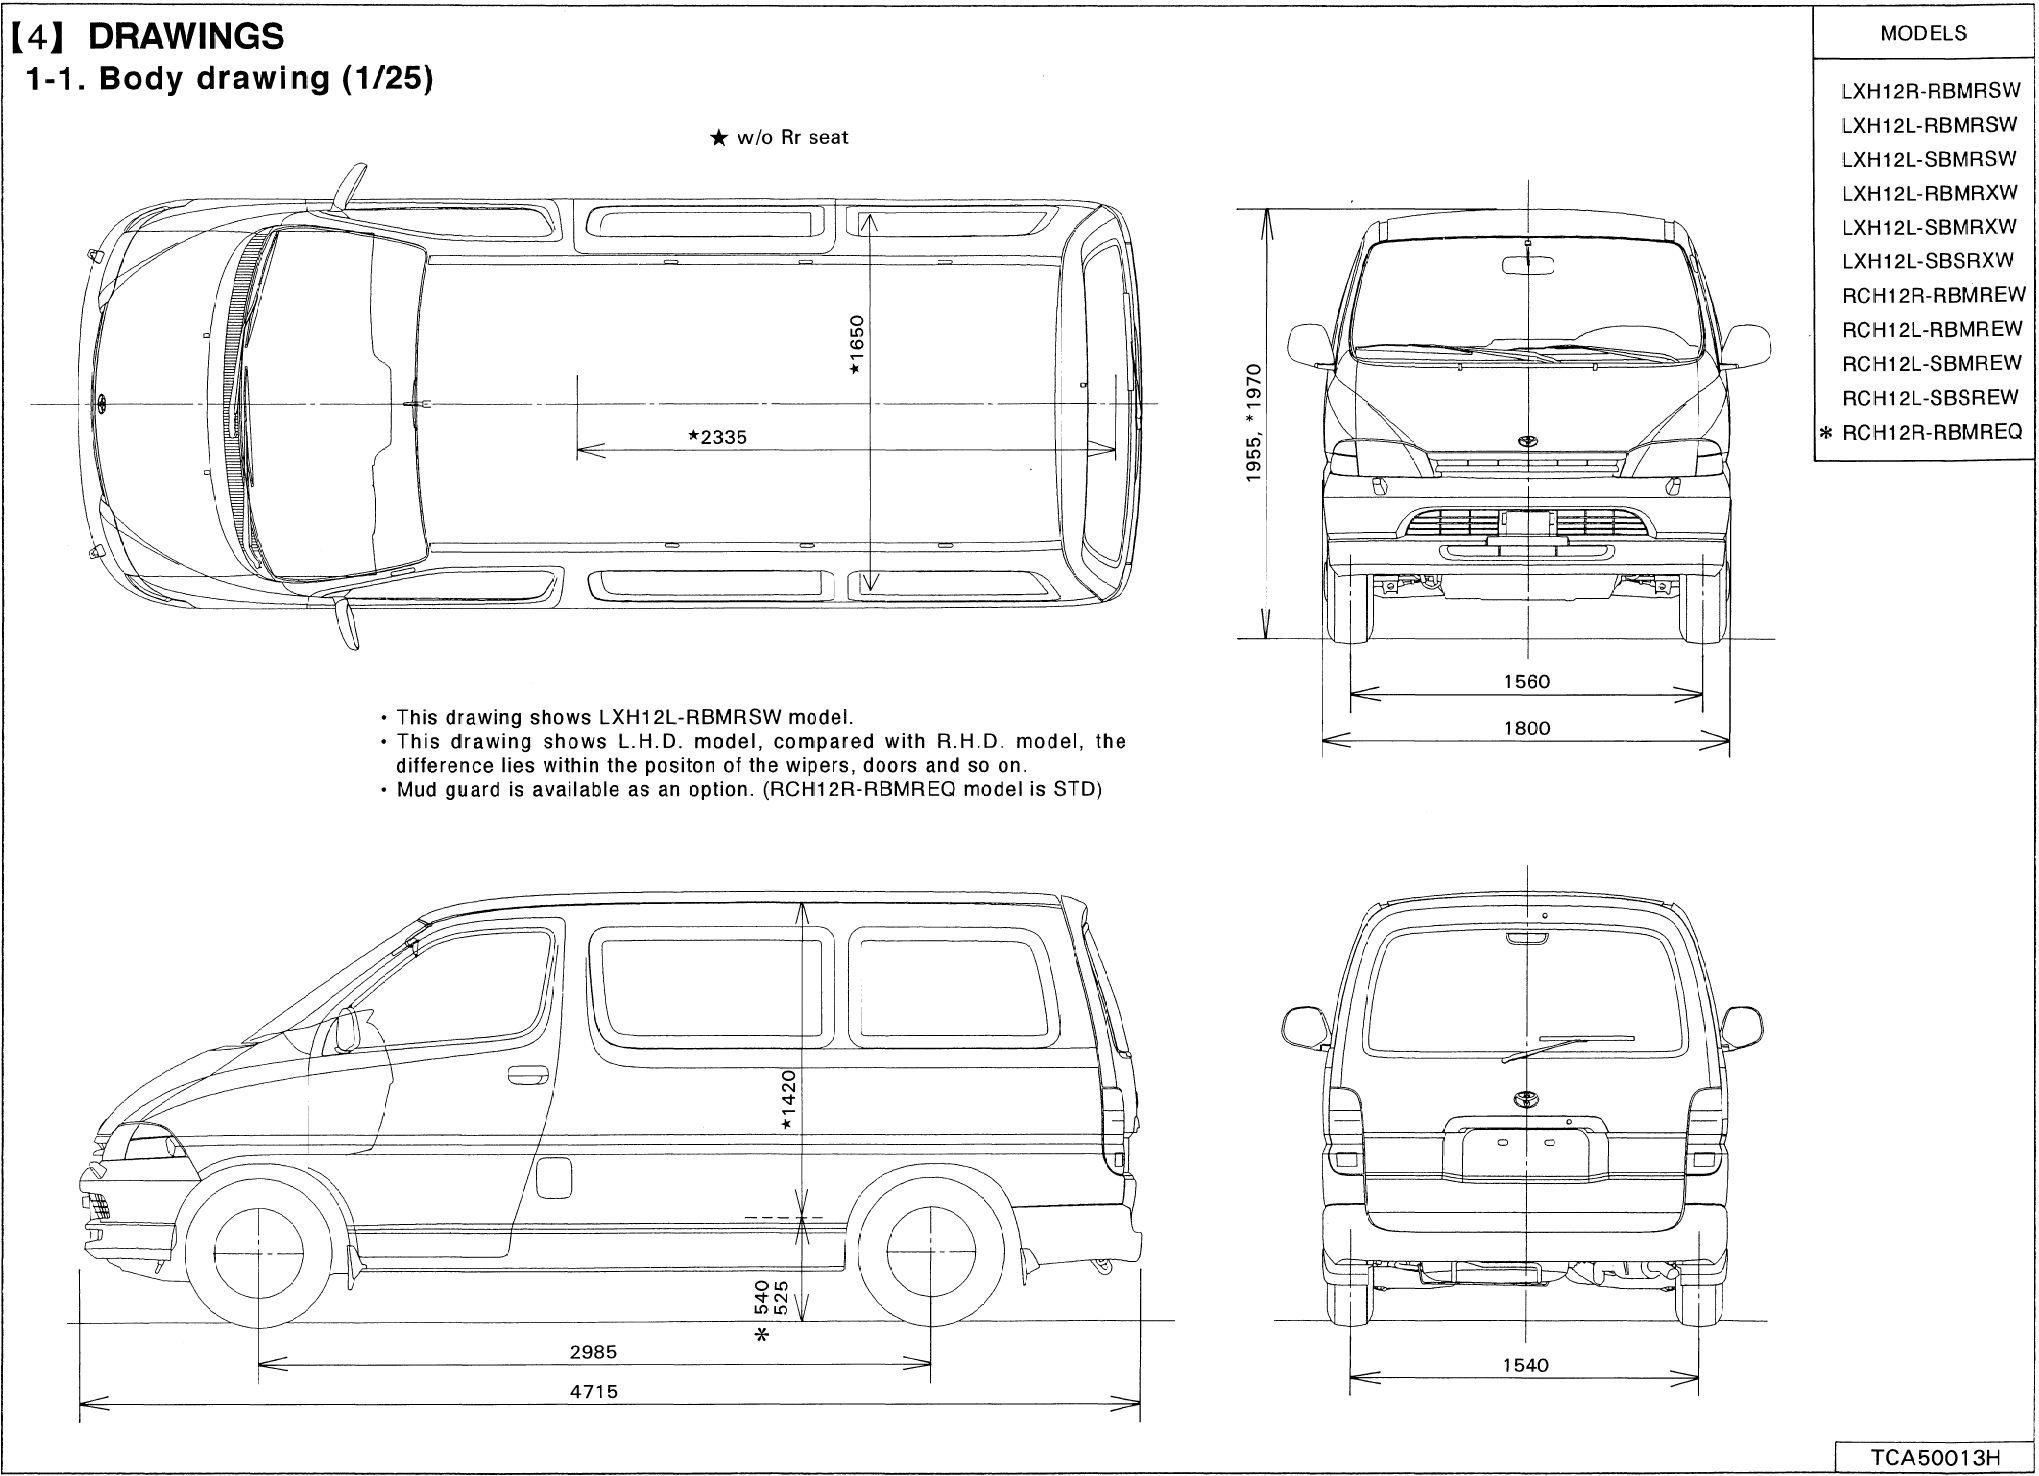 toyota hiace blueprint toyota hiace checklist toyota hiace toyota hiace wiring diagram 1998 toyota hiace diagram [ 2039 x 1476 Pixel ]